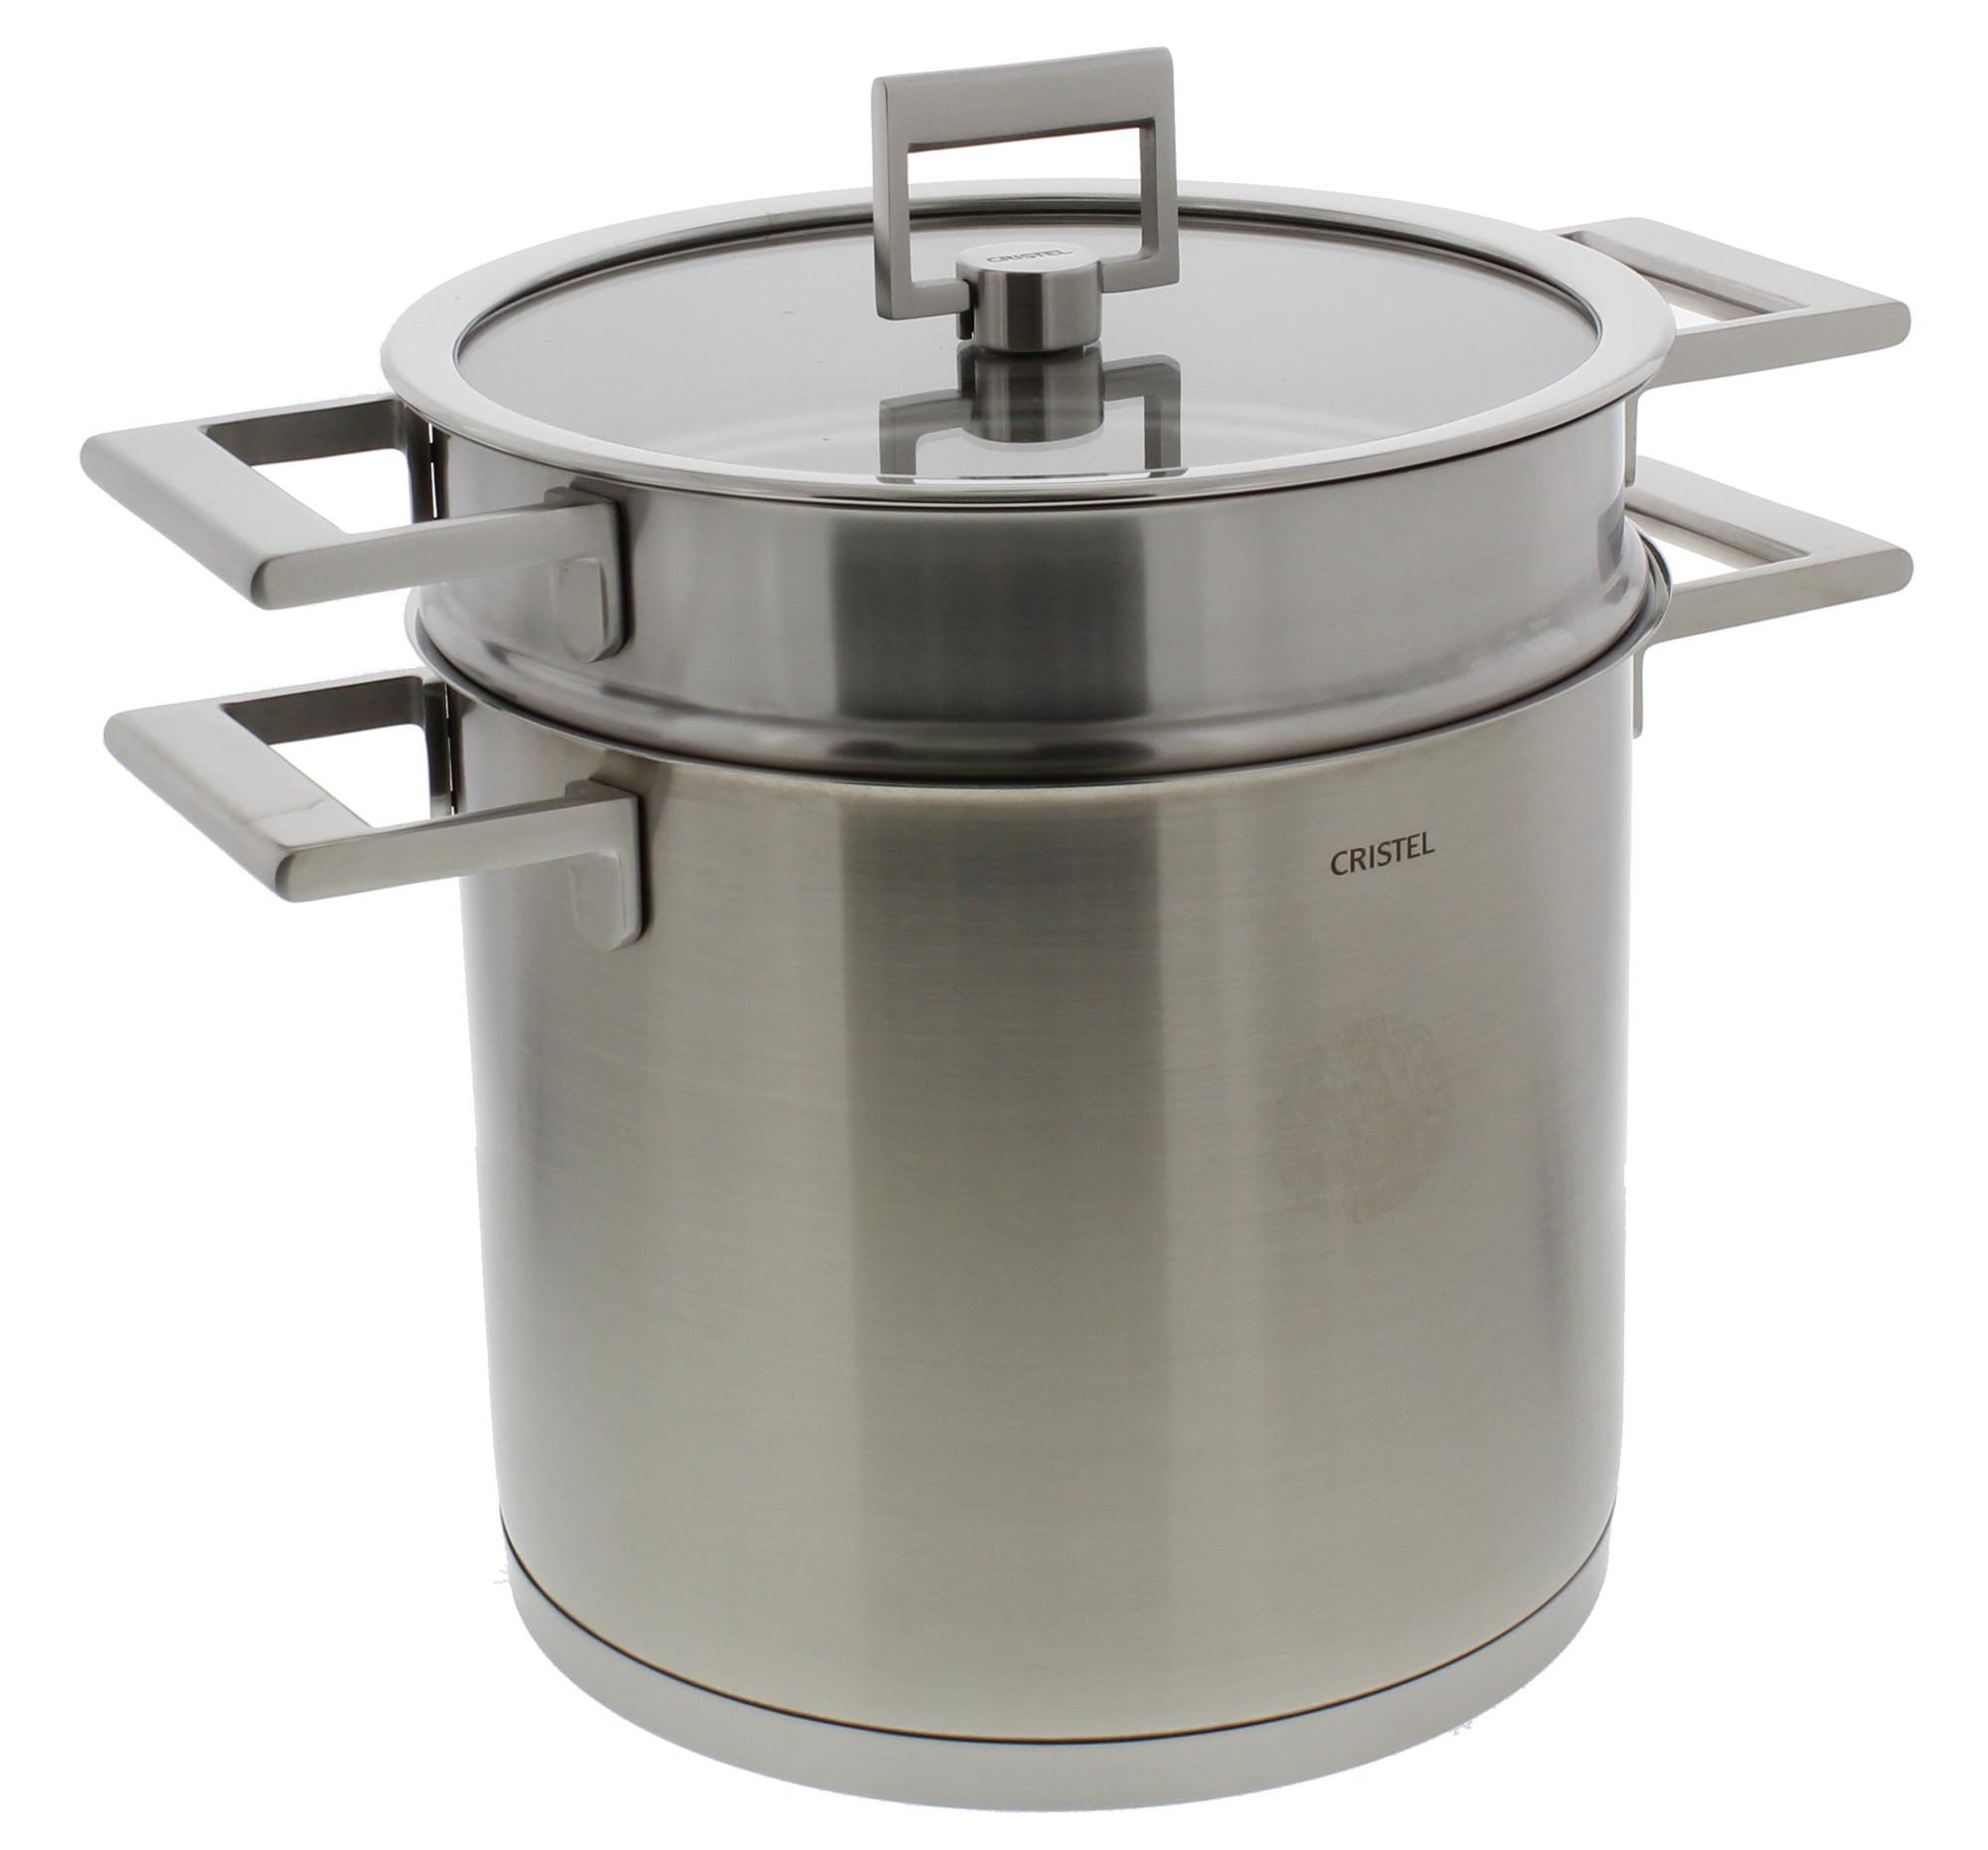 Cristel Strate kookpan met pasta-inzet ø 22 cm rvs